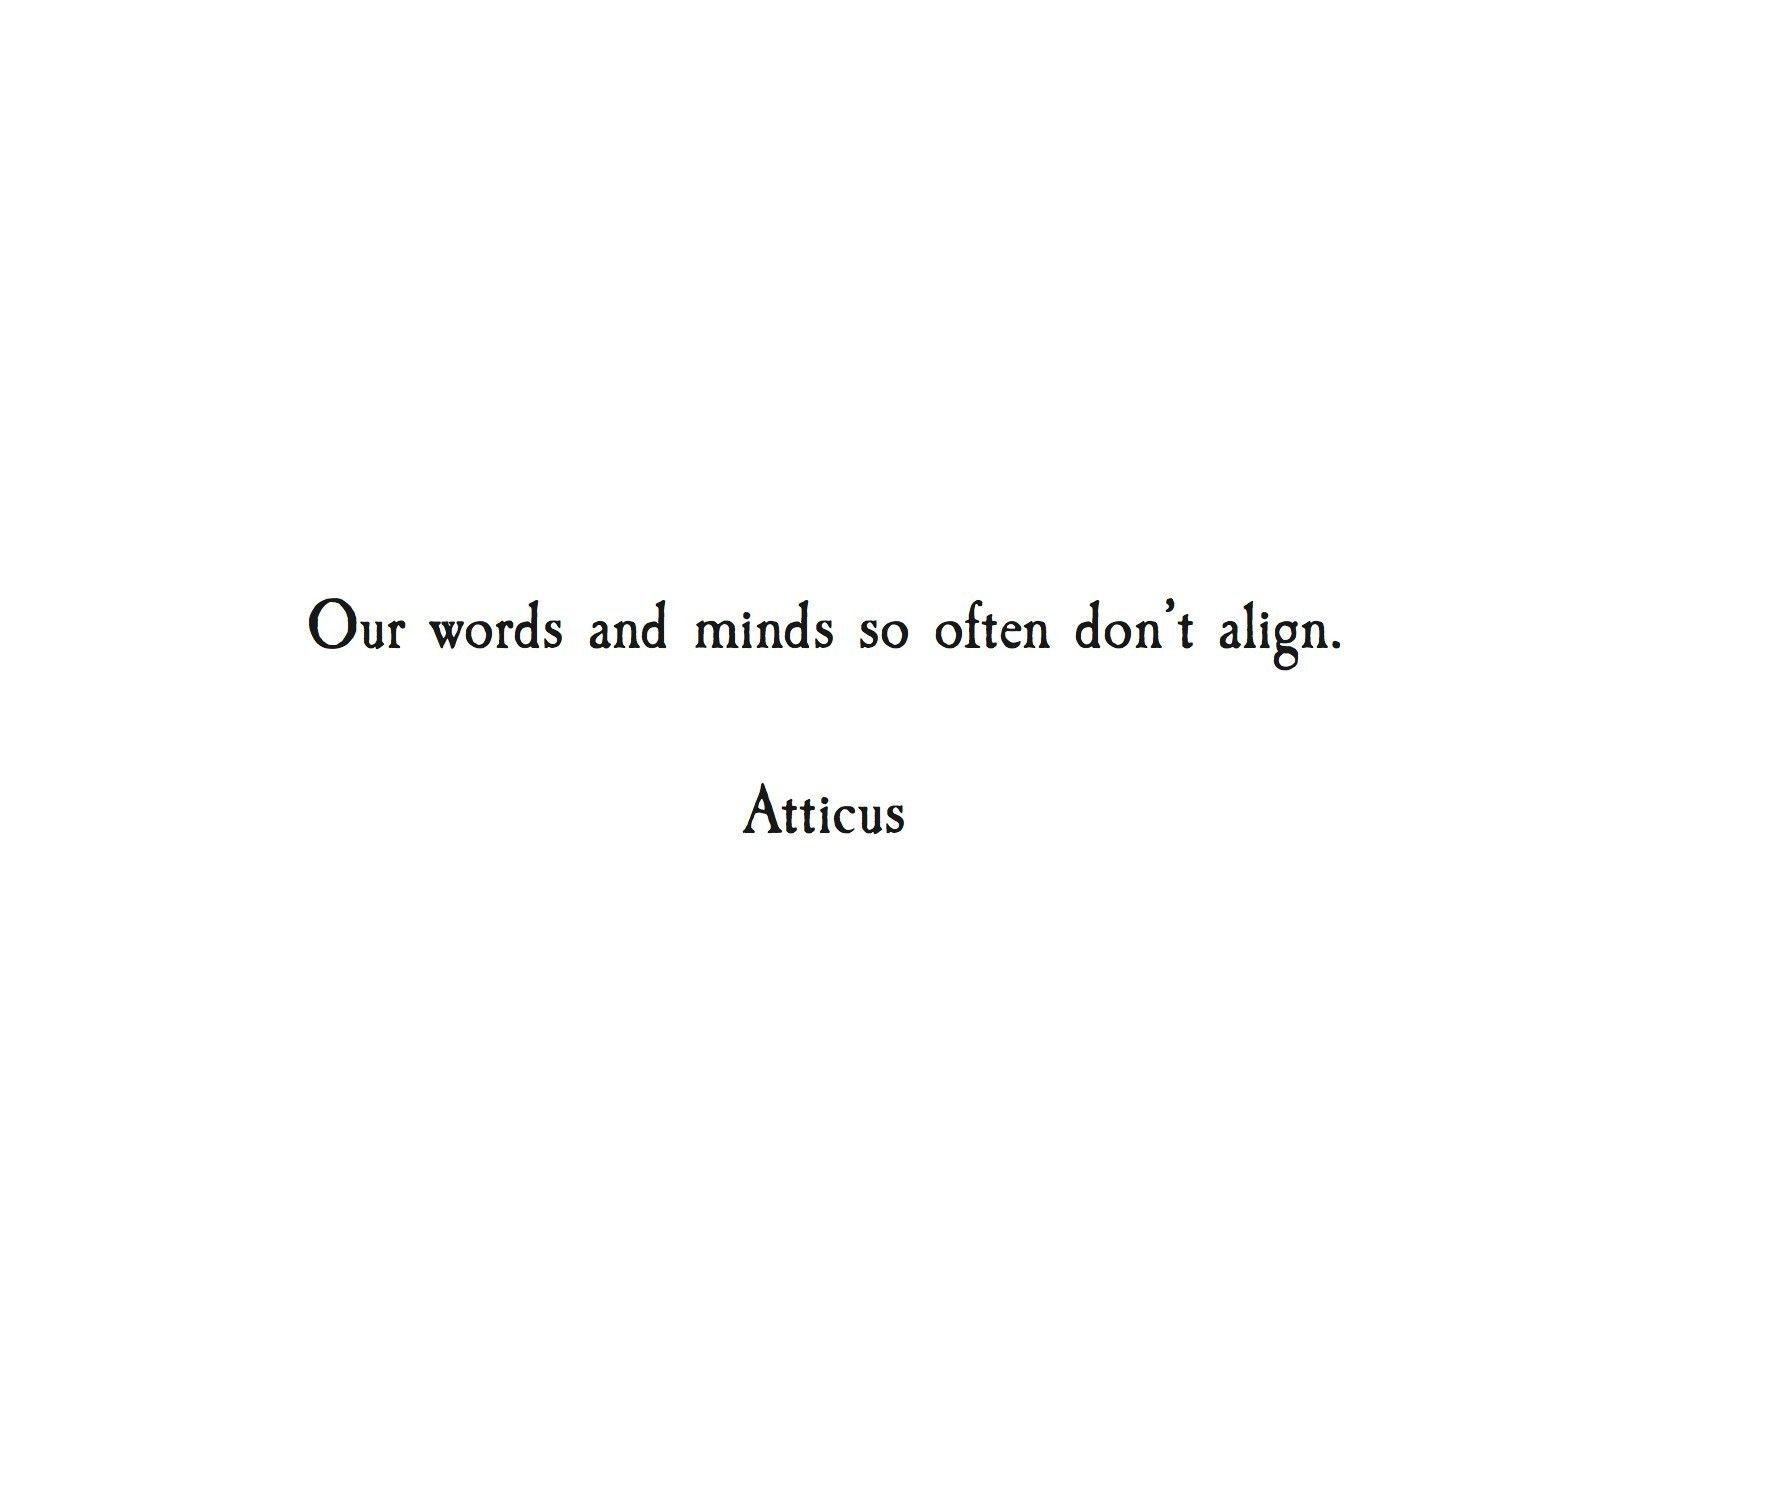 One Line Quotes Tumblr: 'Align' @atticuspoetry #atticuspoetry #atticus #poetry